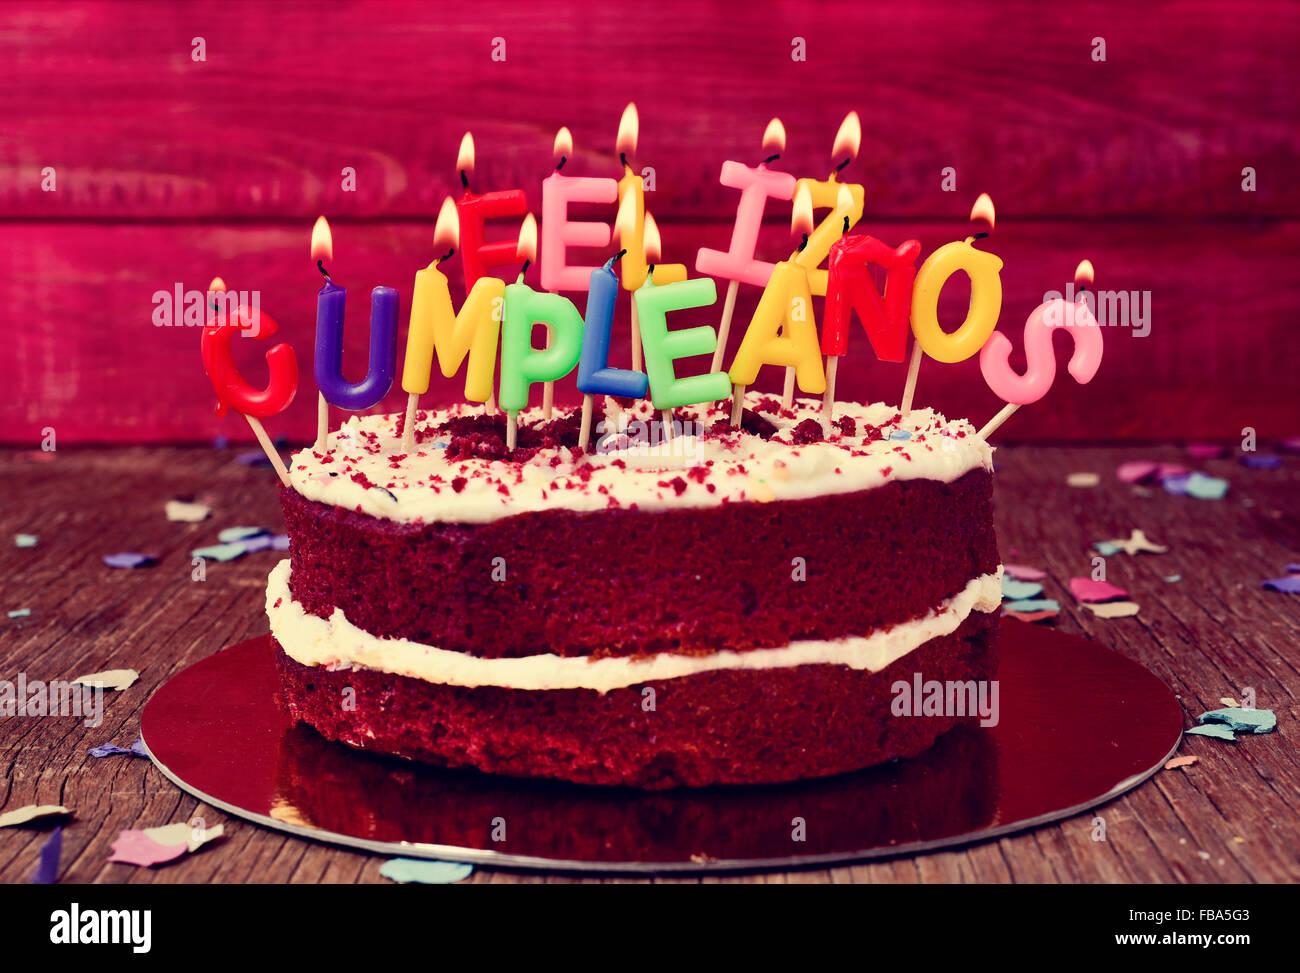 Ein Kuchen Garniert Mit Einigen Kerzen Brief Form Bildet Der Text